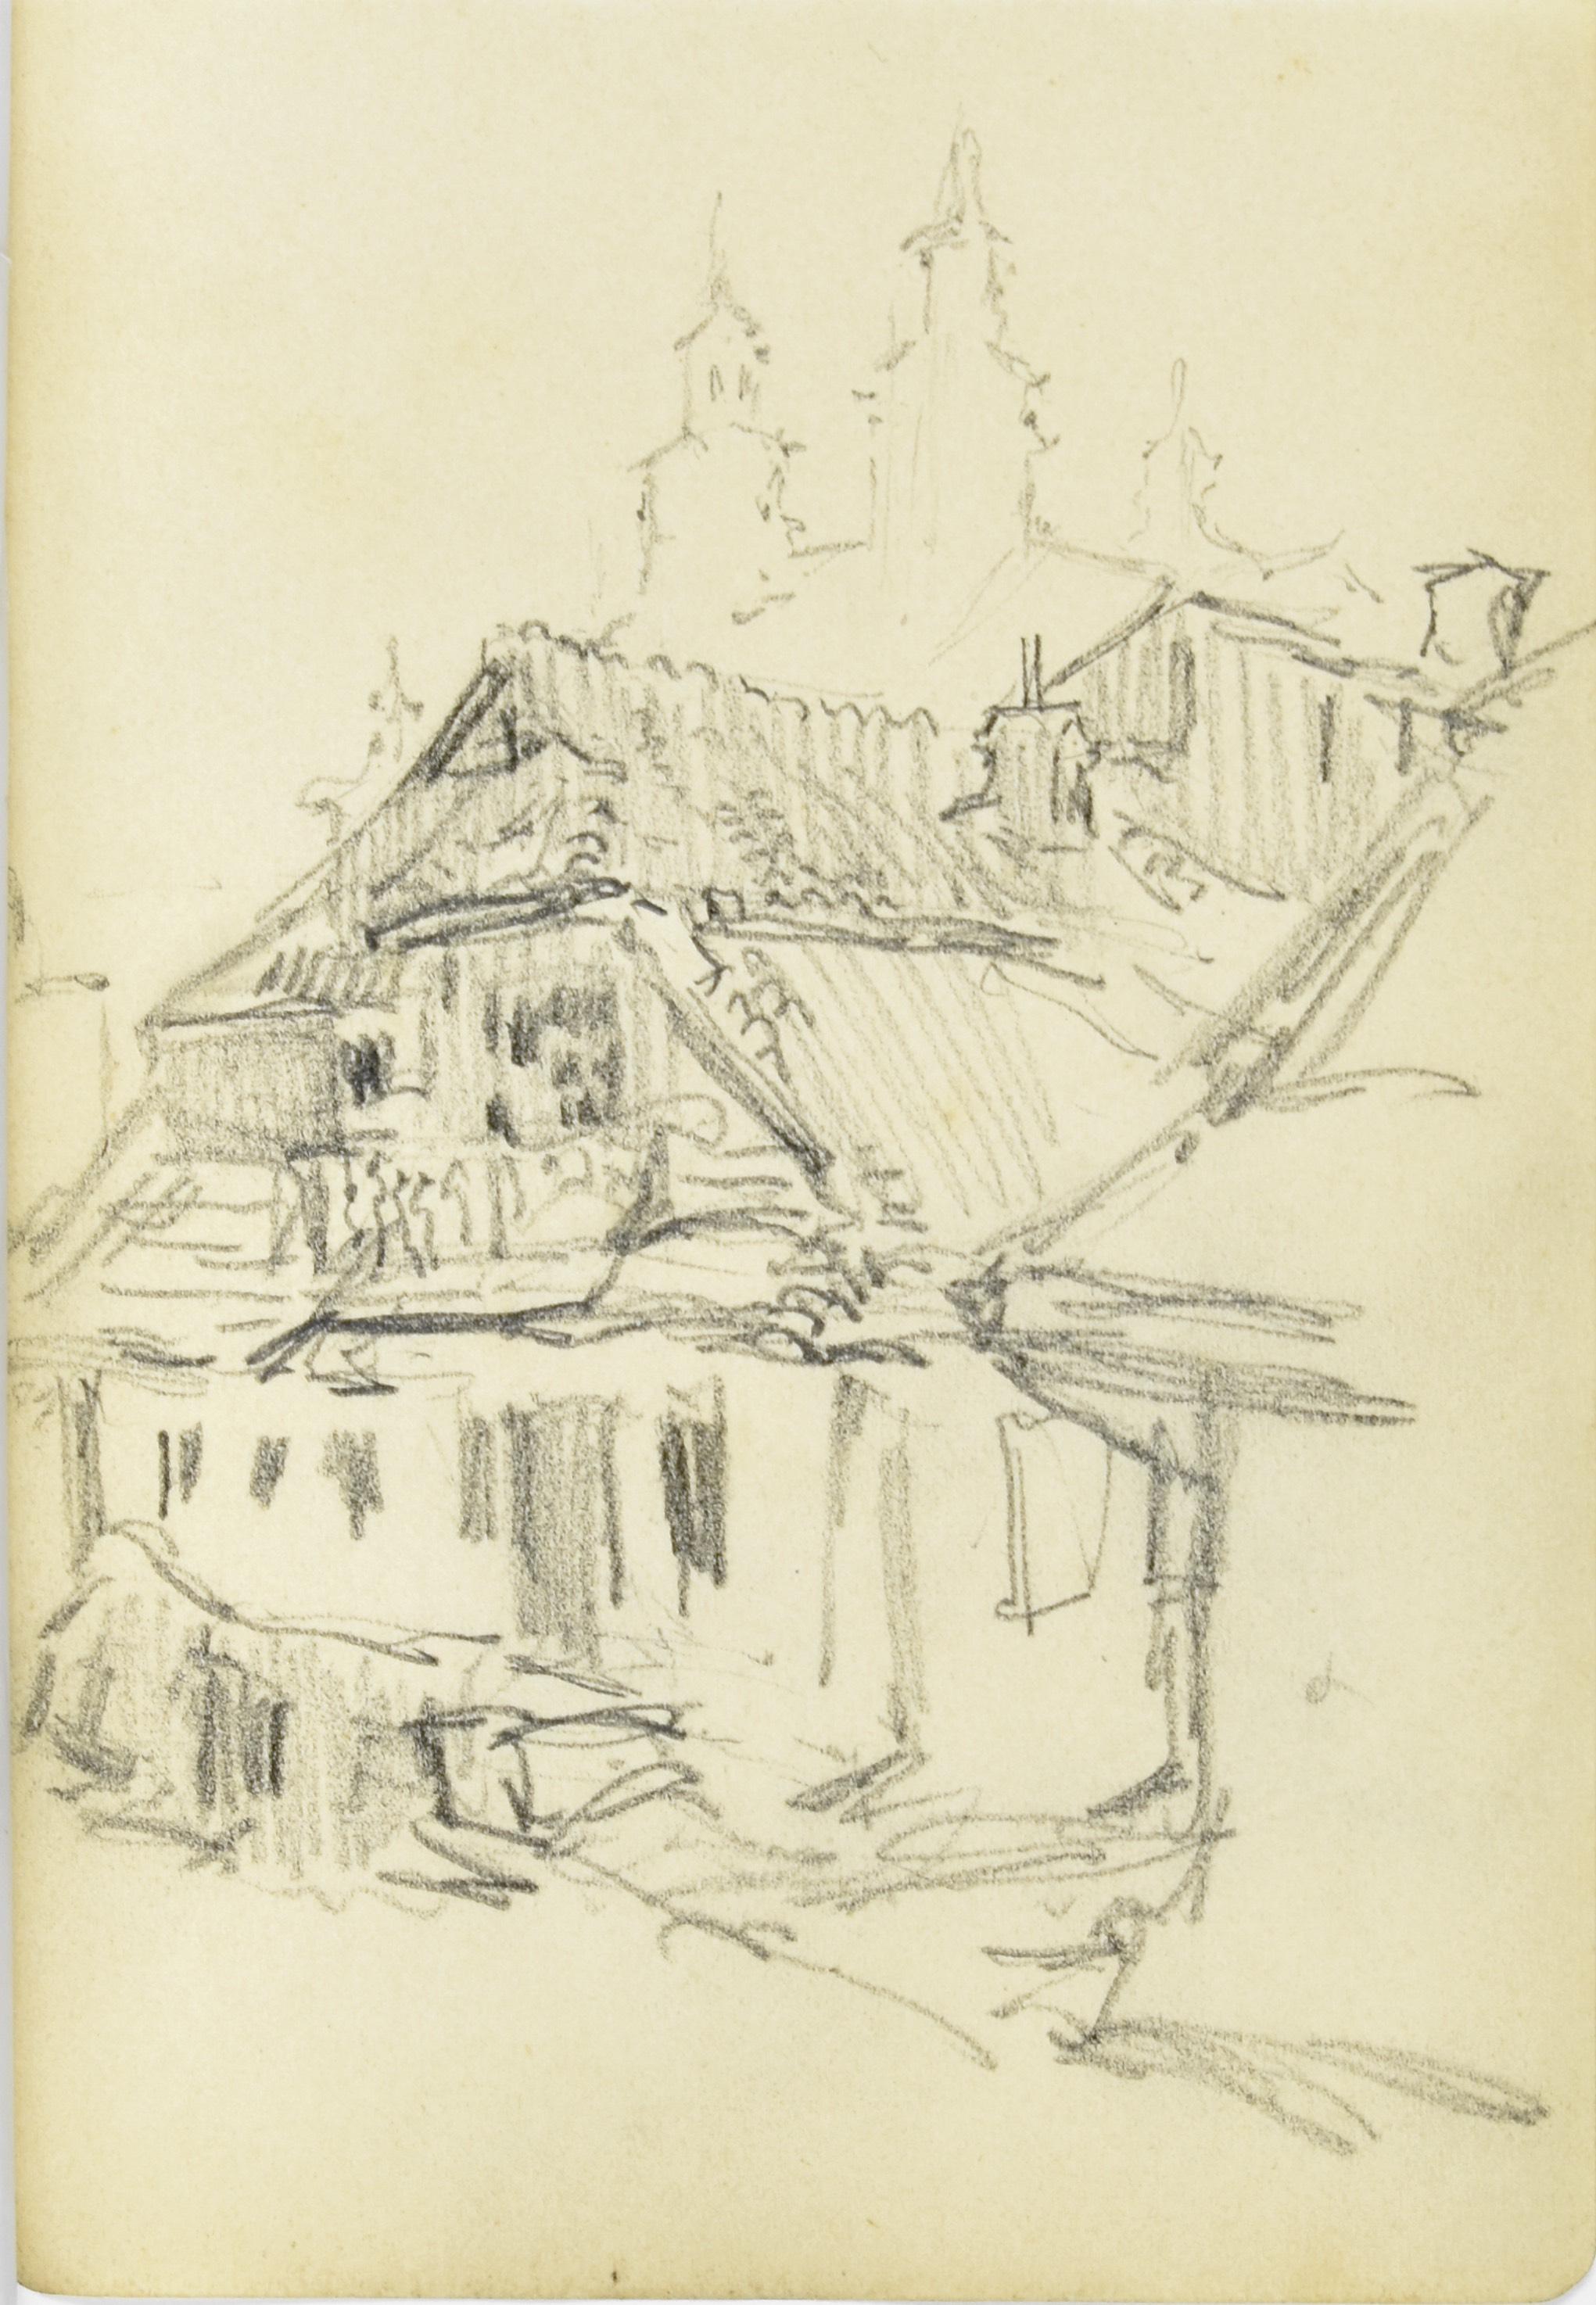 Zabudowania miejskie z wieżami kościelnymi w tle